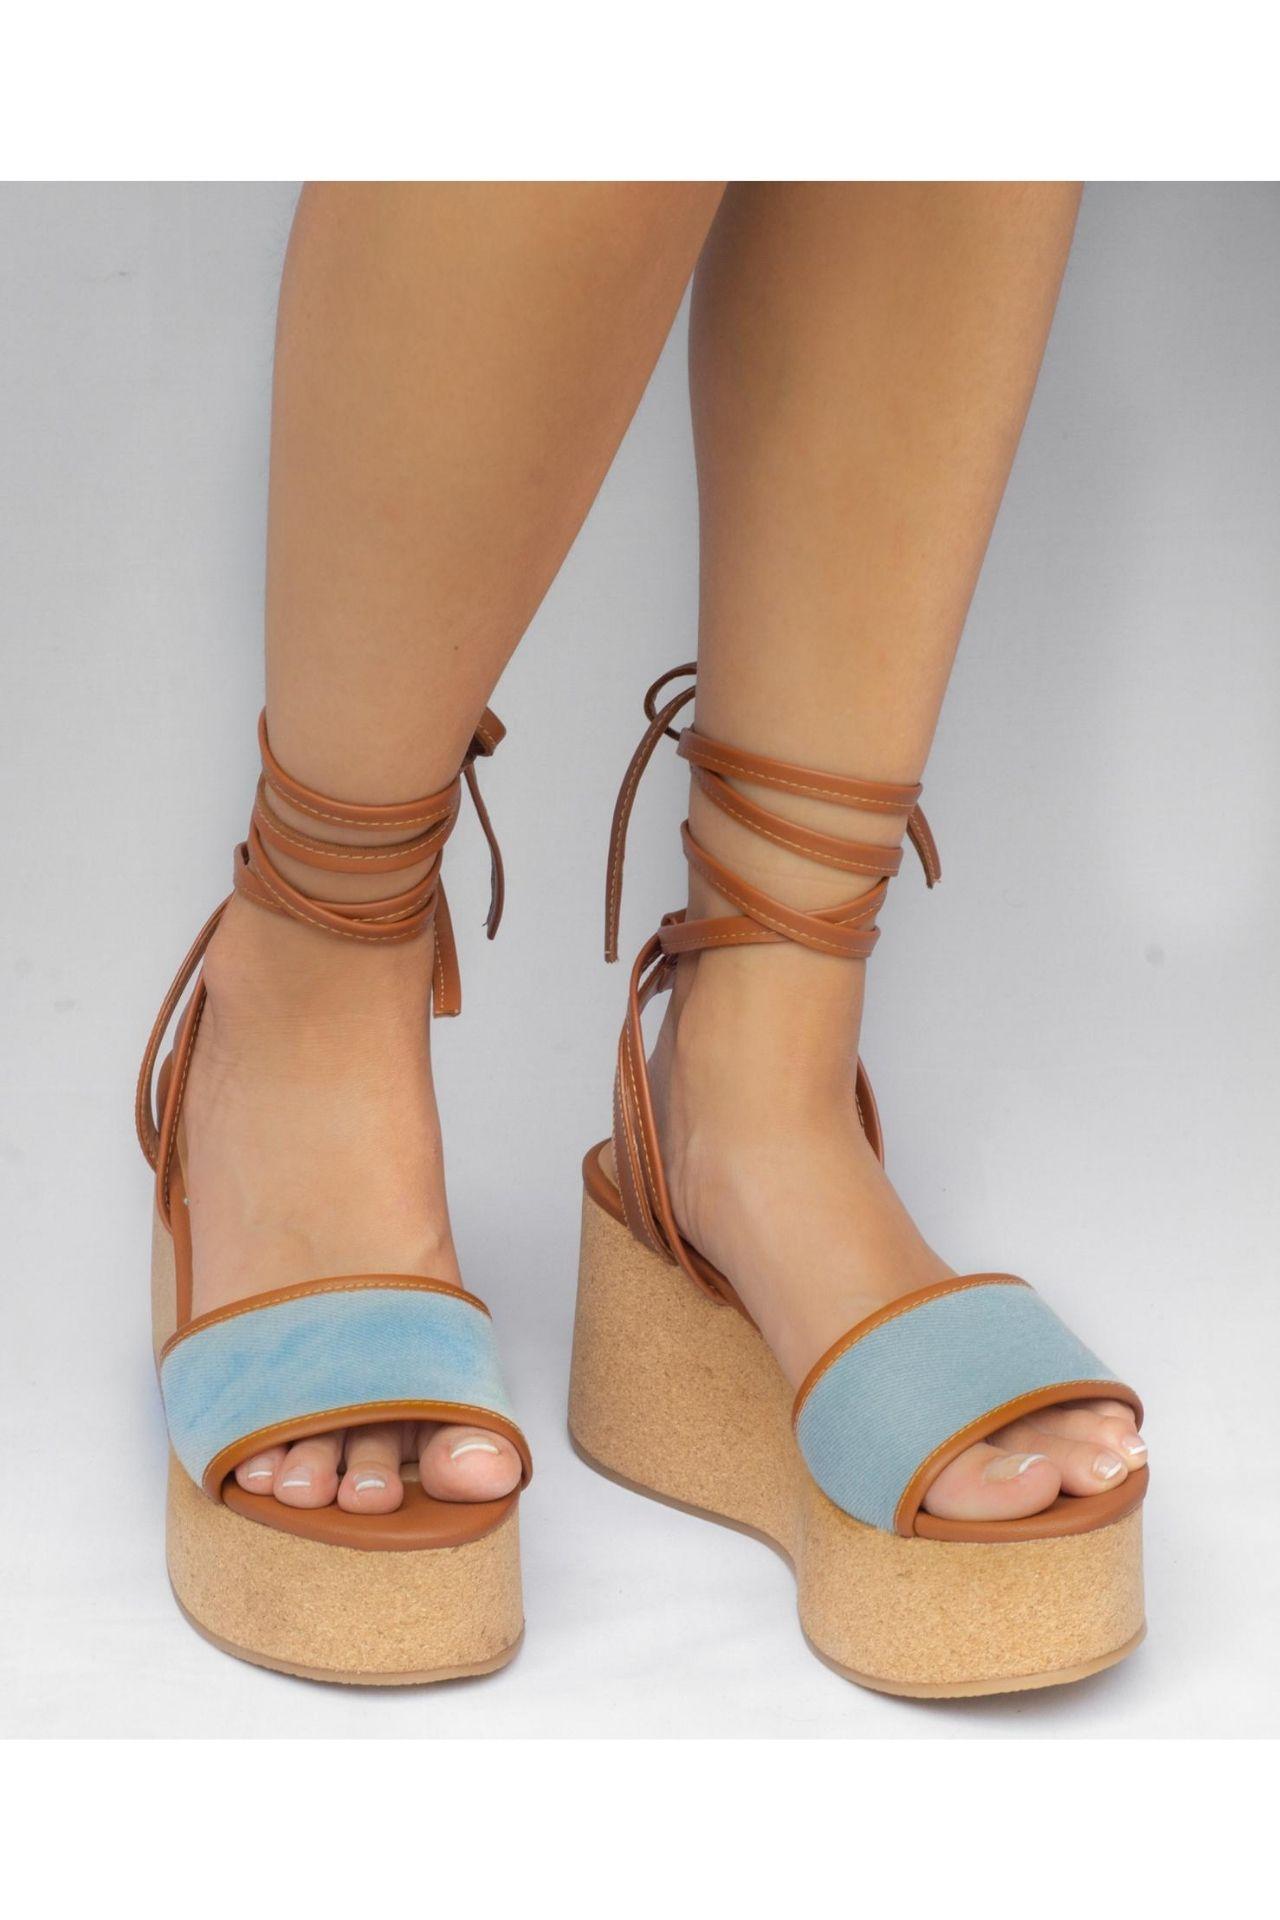 Sandalias con la altura perfecta para estar estilizadas y cómodas. #Tip: No pesan nada Capellada: Textil (insumos libres de crueldad animal) Planta: PU forrado en textil Alto: 8cm